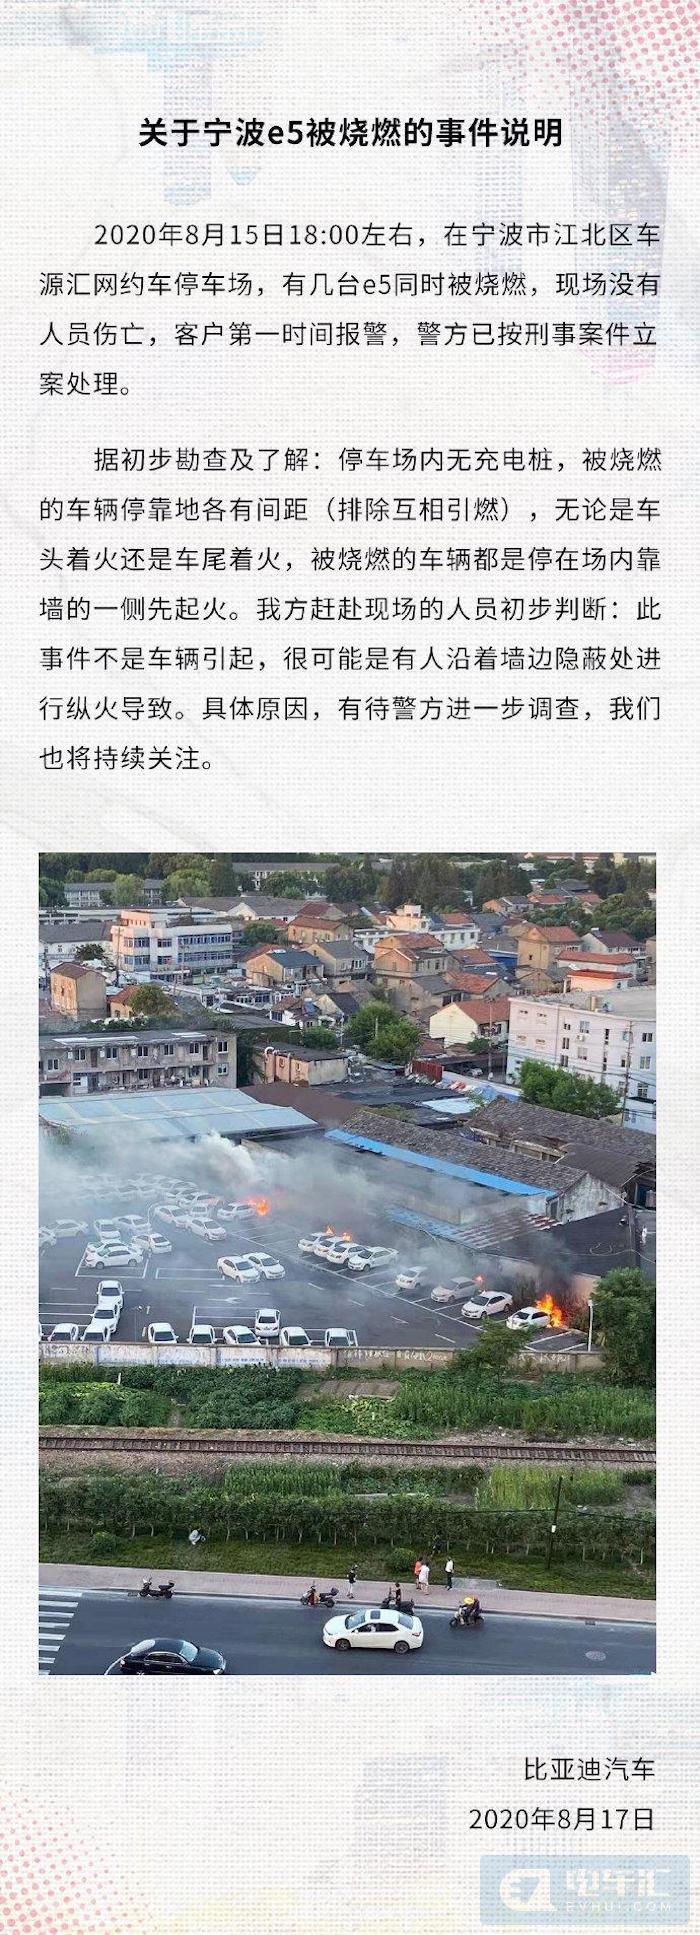 比亚迪回应宁波多台e5电动汽车被烧燃事件:初步判断是人为纵火